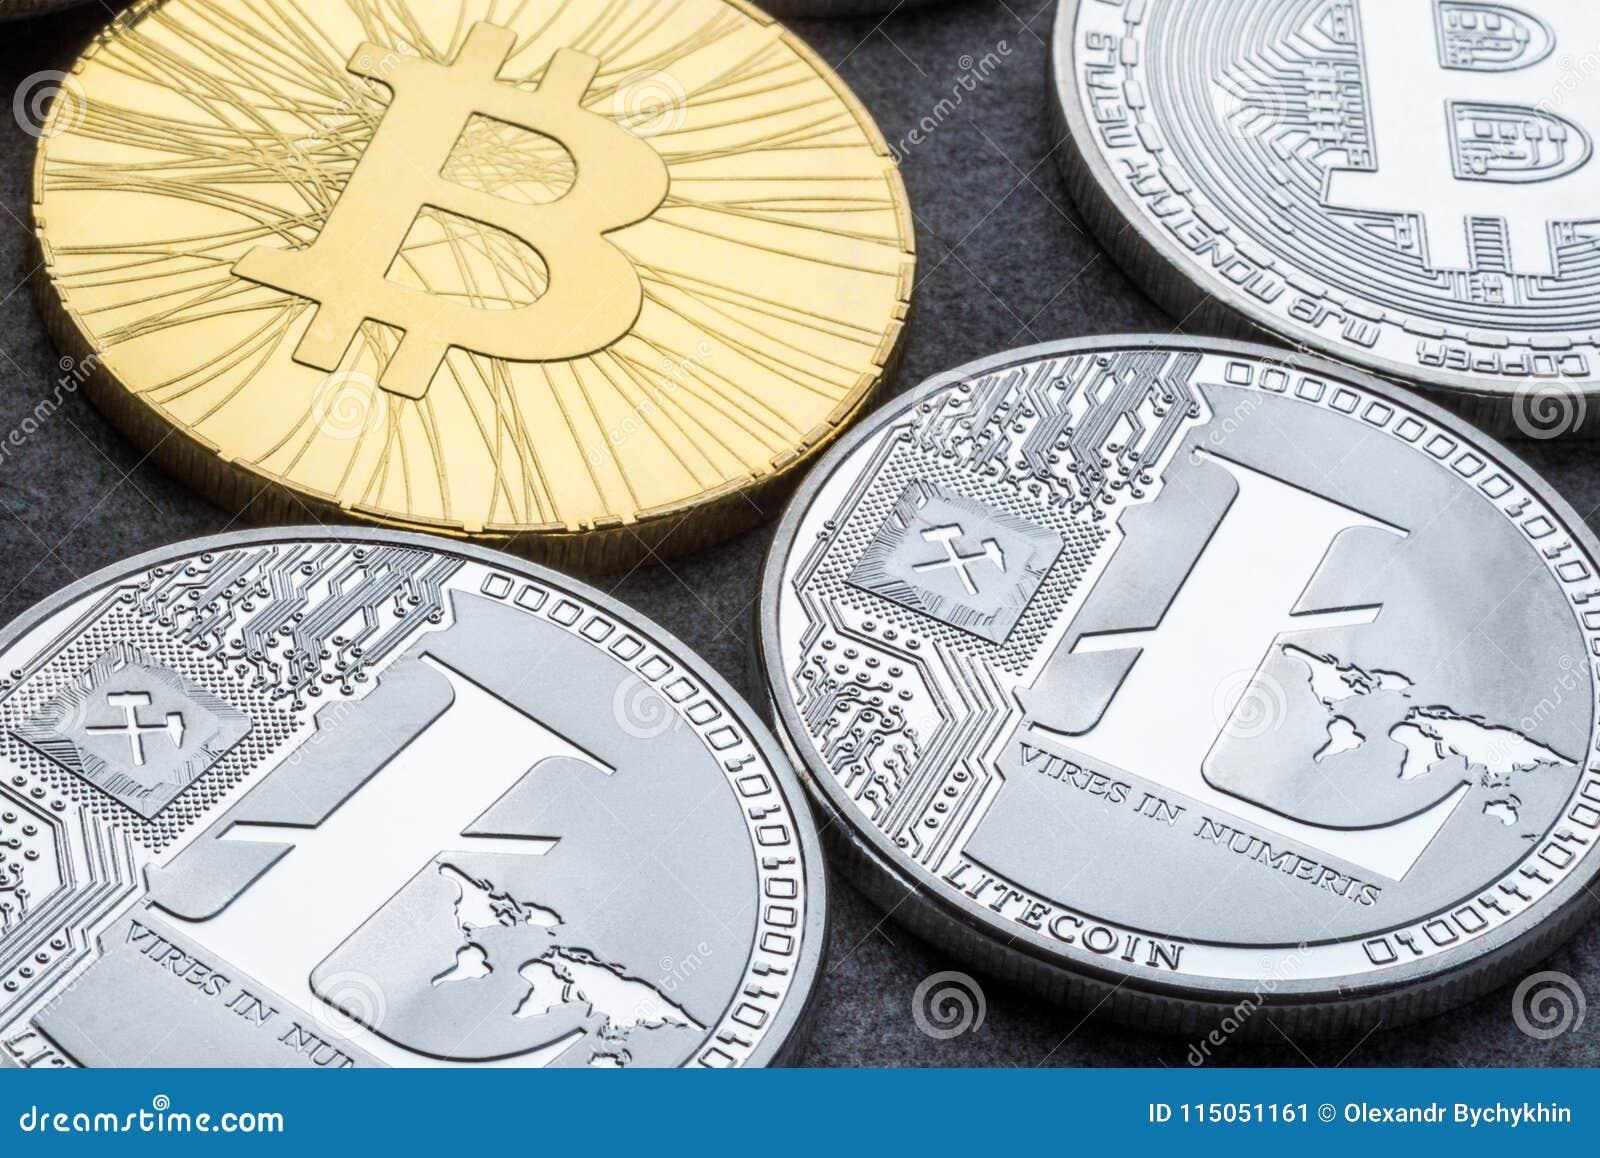 Bitcoin litecoin, Prekyba Litecoin to Bitcoin - LTC/BTC CFD